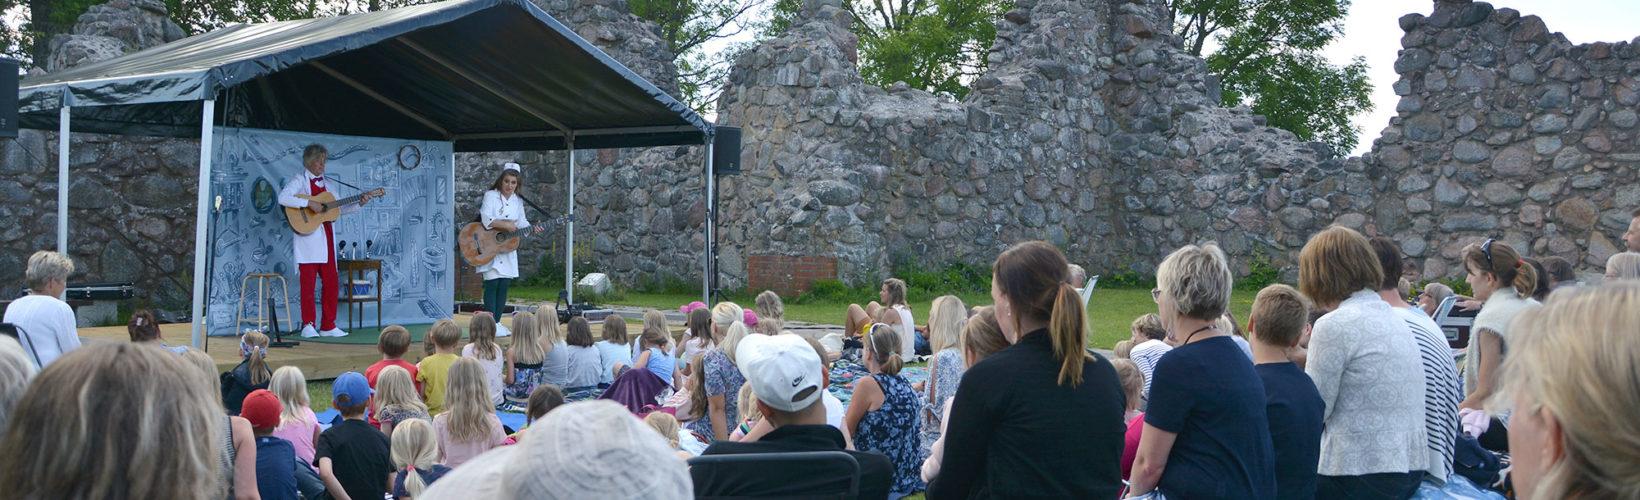 Mönsterås – Kronobäck Klosterruin